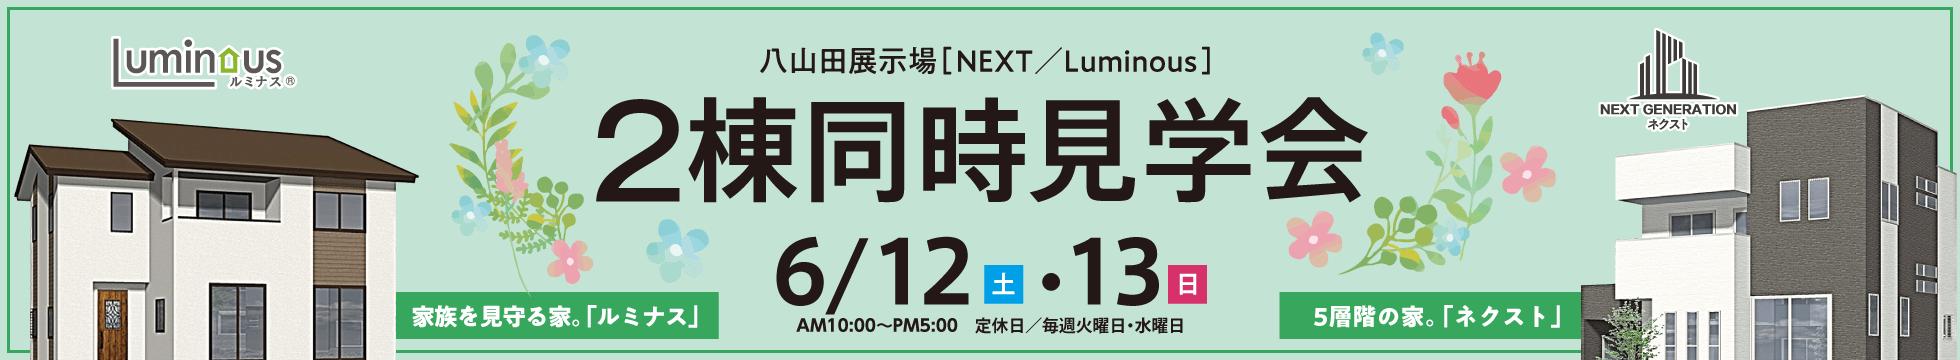 6/12-13八山田展示場2棟同時見学会開催!